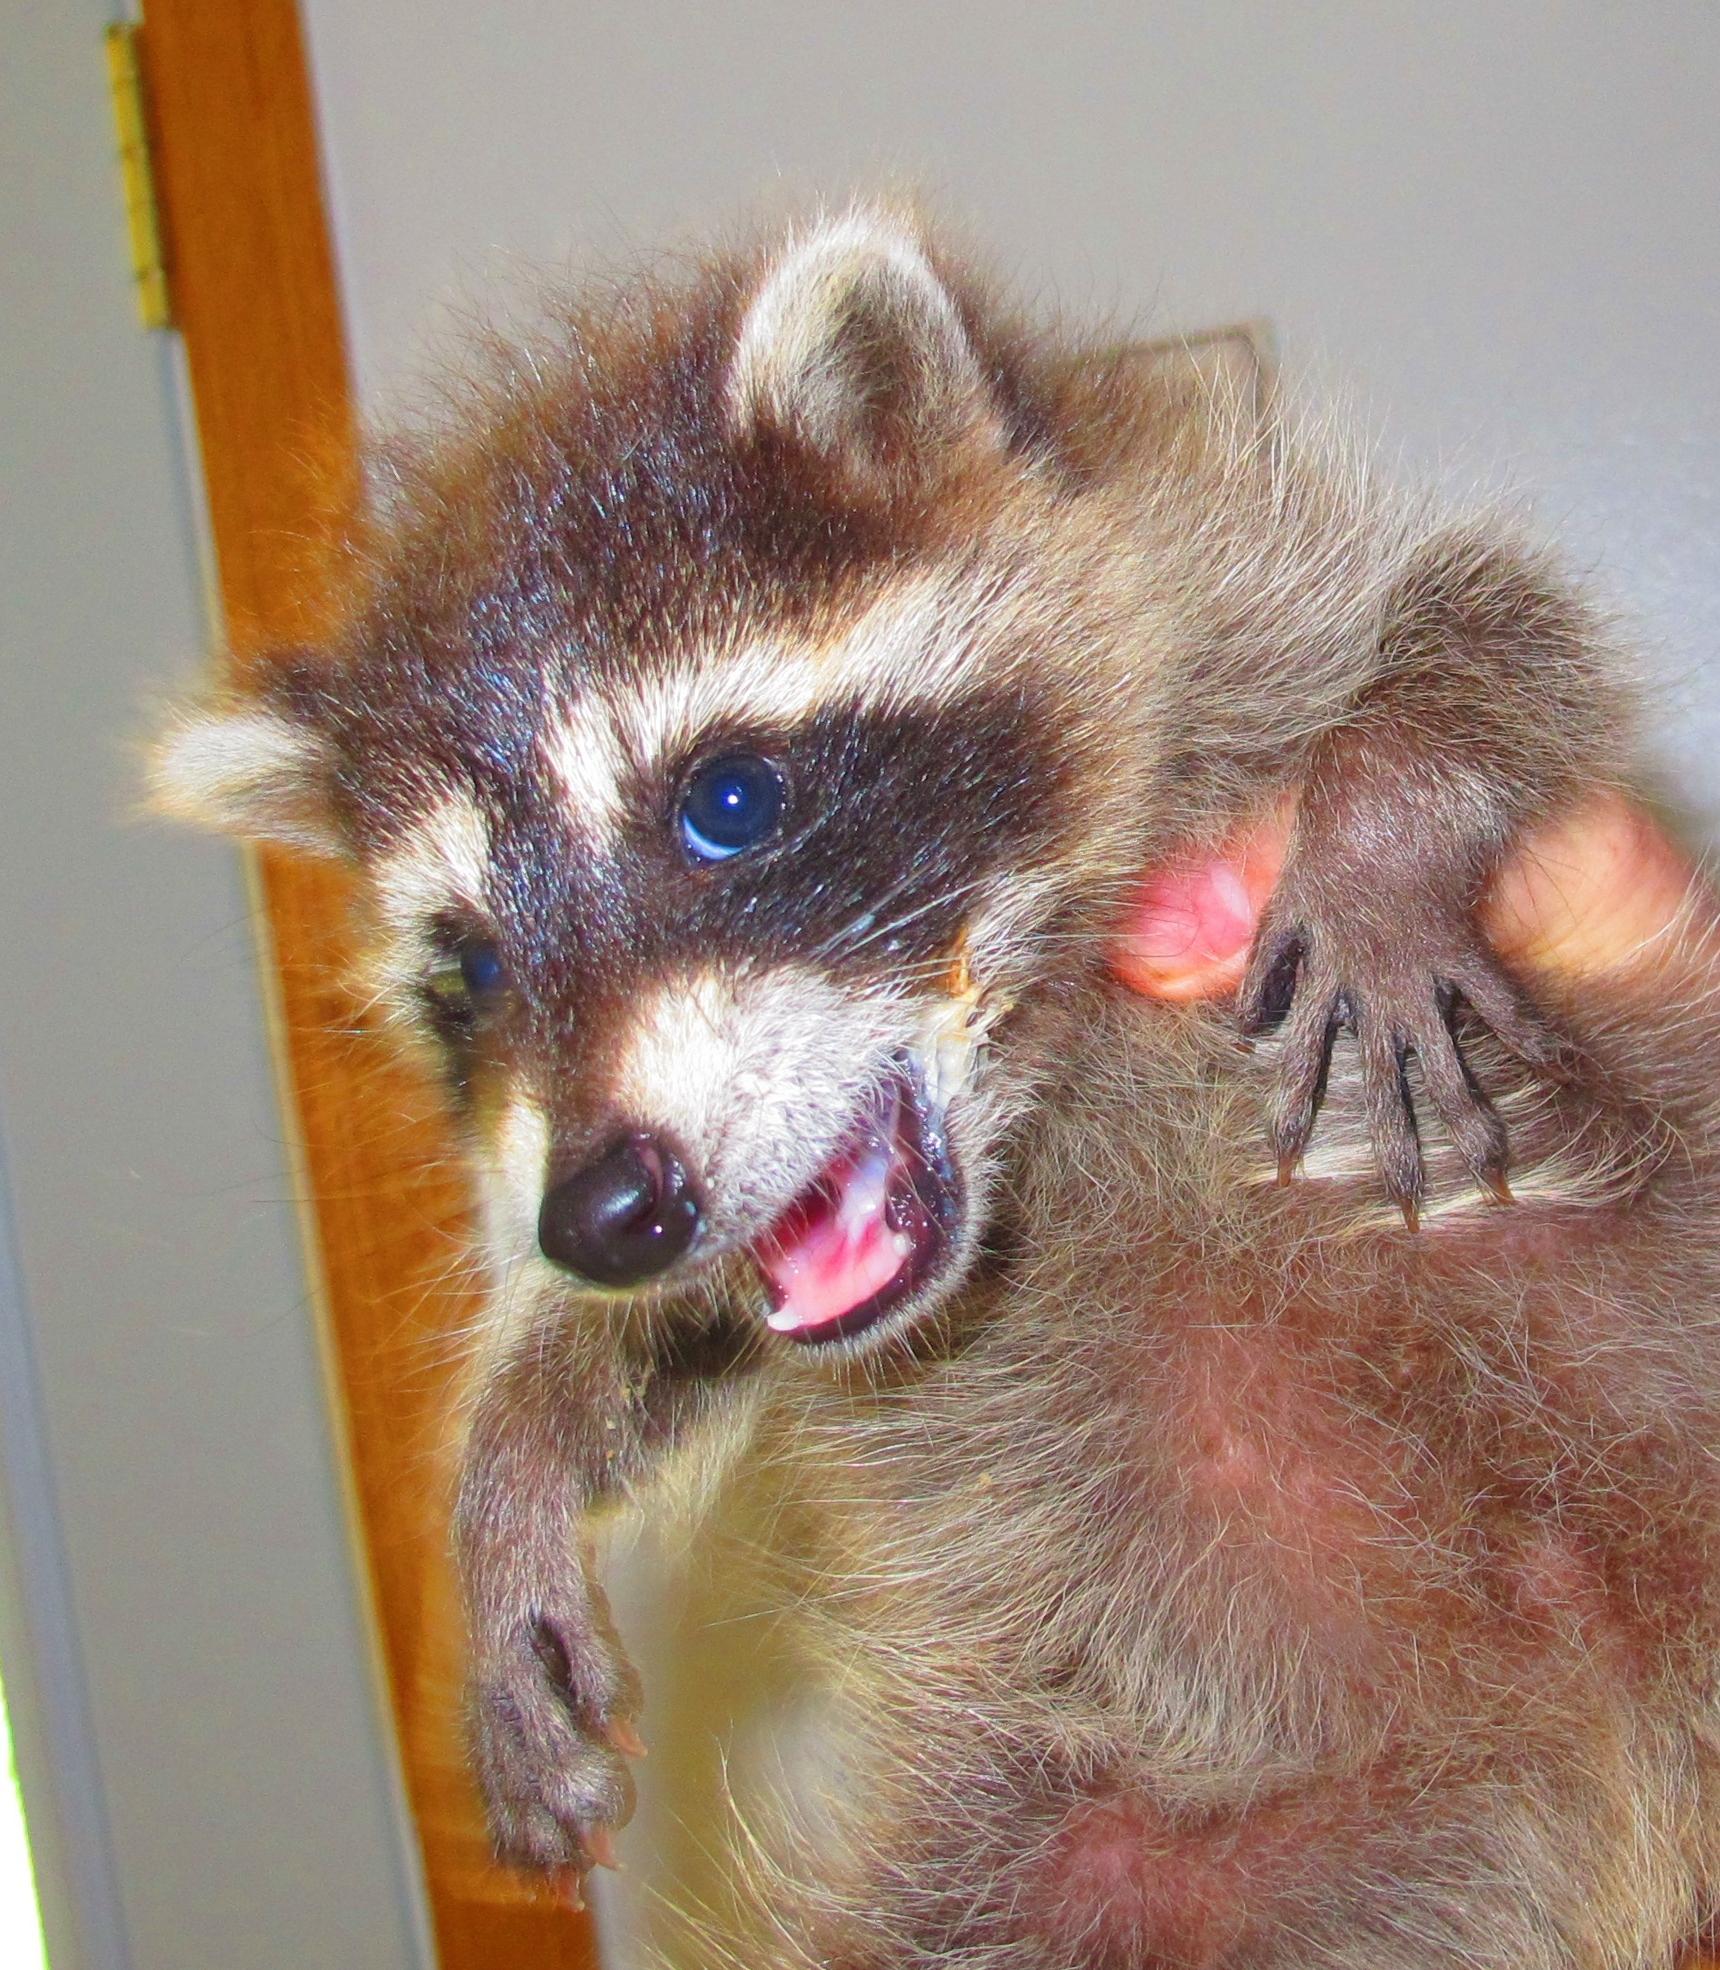 Feisty Little Raccoon 1a by Windthin